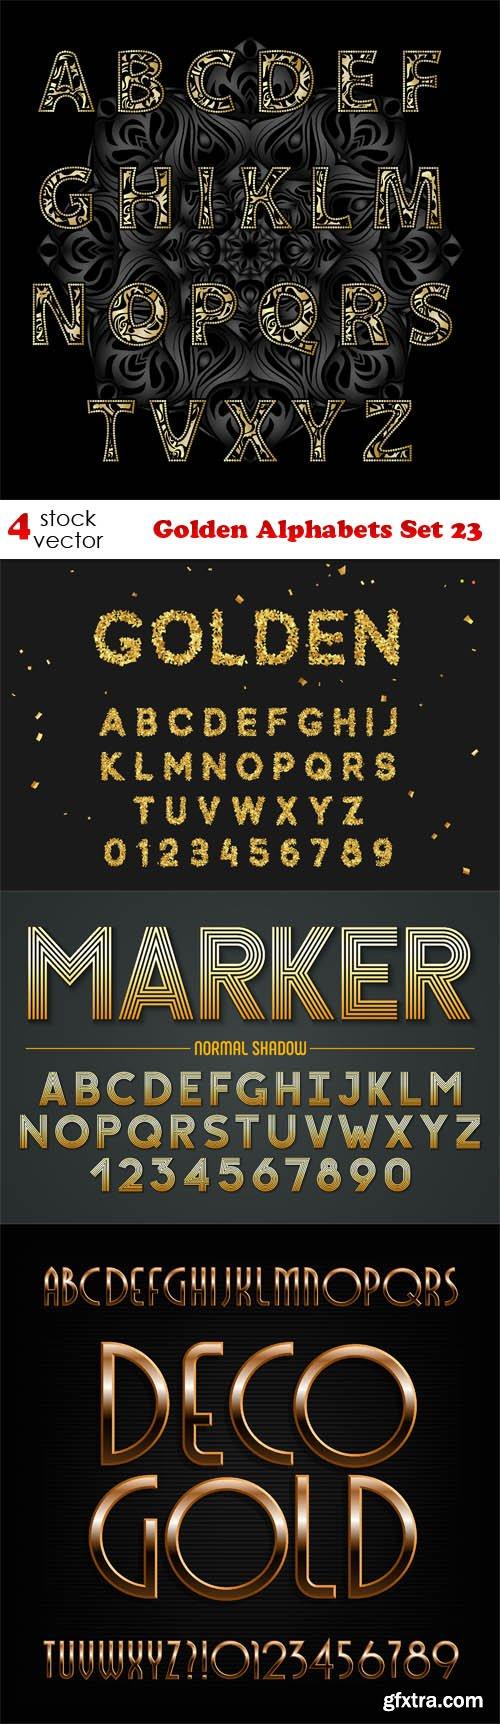 Vectors - Golden Alphabets Set 23